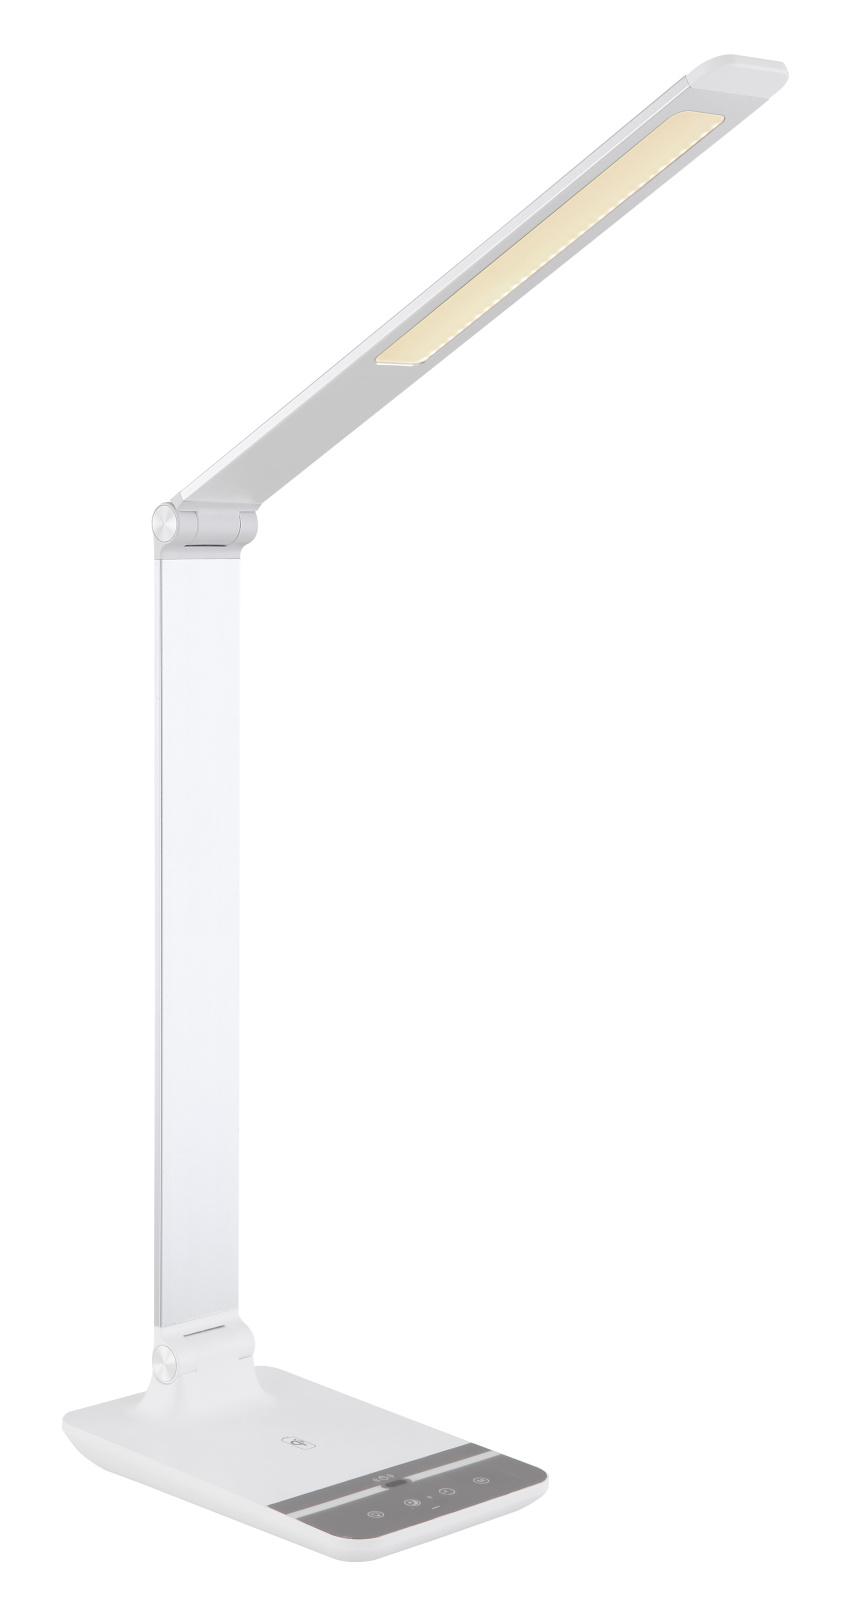 Asztali lámpa  ezüst alumínium és műanyag anyagokból LED 9W 230V,650lm, 3000-4500-6000K